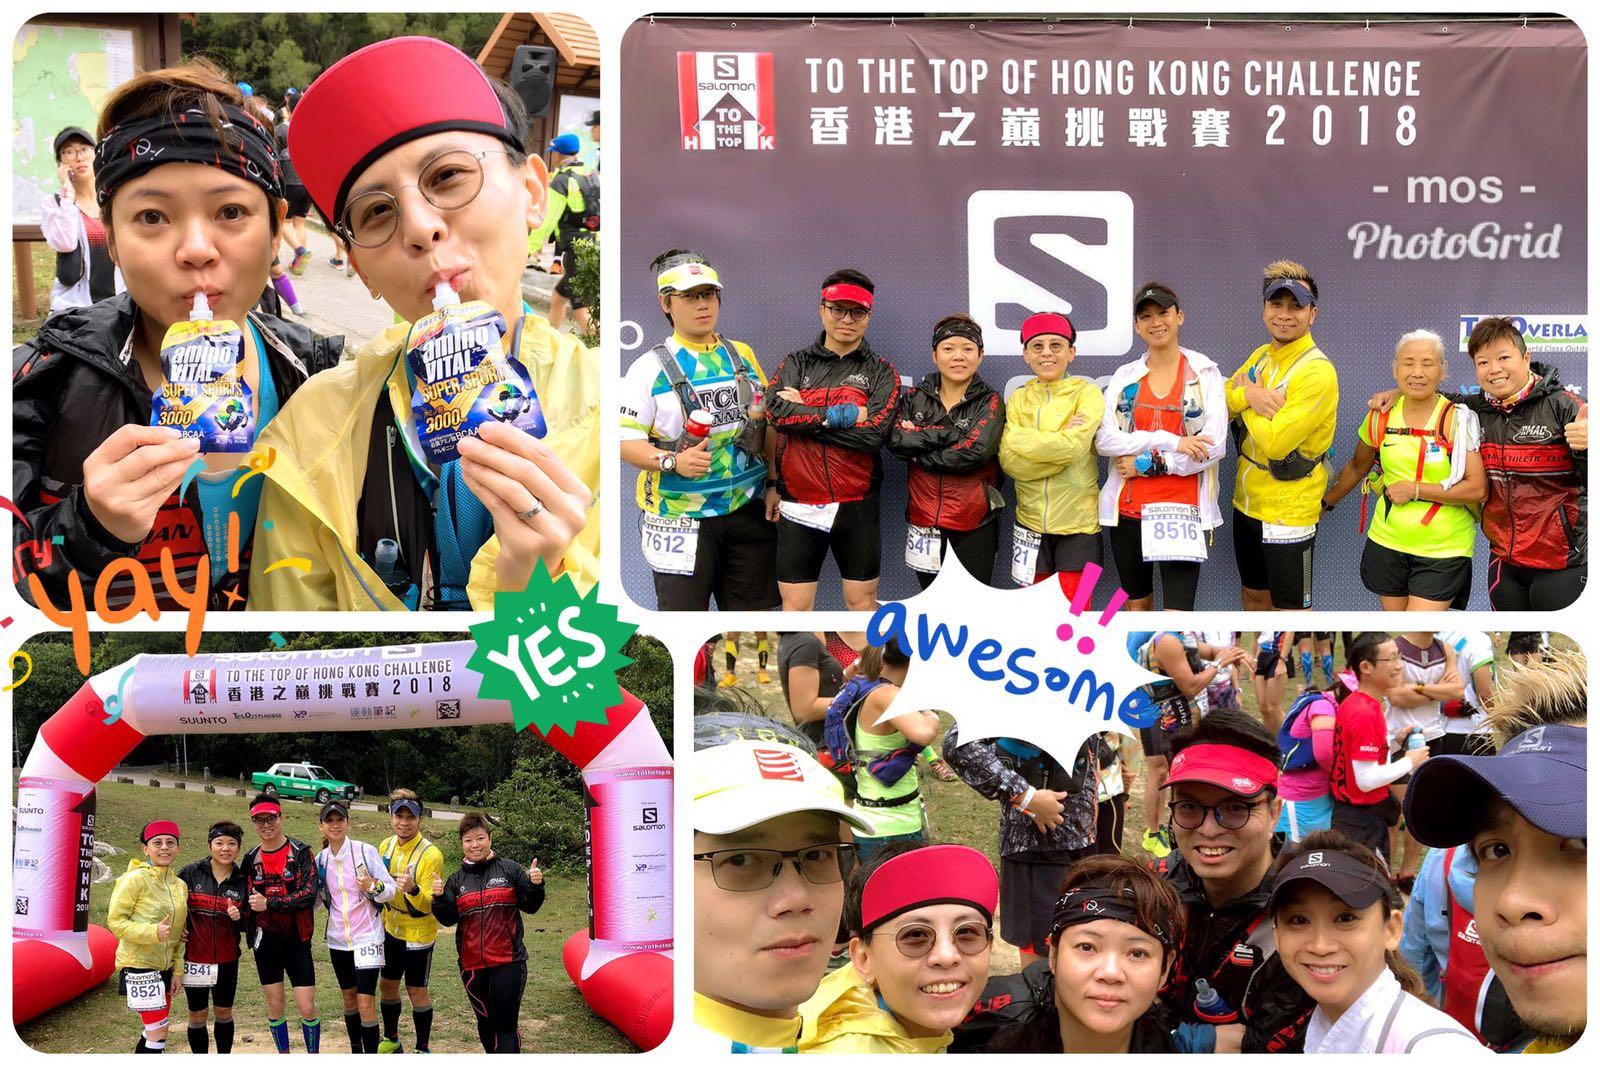 3月25日 ToTheTop 26km - 部分同學已經玩過上年的同名賽事,但今年由往時的12 km 大大改為26 km,上山落山同樣達至1500 -1600m。今次特色為各同學為求自我最佳成績,收起平日的輕鬆笑臉,沒有跟平時參賽時一伙大塊兒起行,最後每個個體都只於起步時一齊出發,真至終點完成後,才能再一次重逢團聚,為對方完成全程而高興。